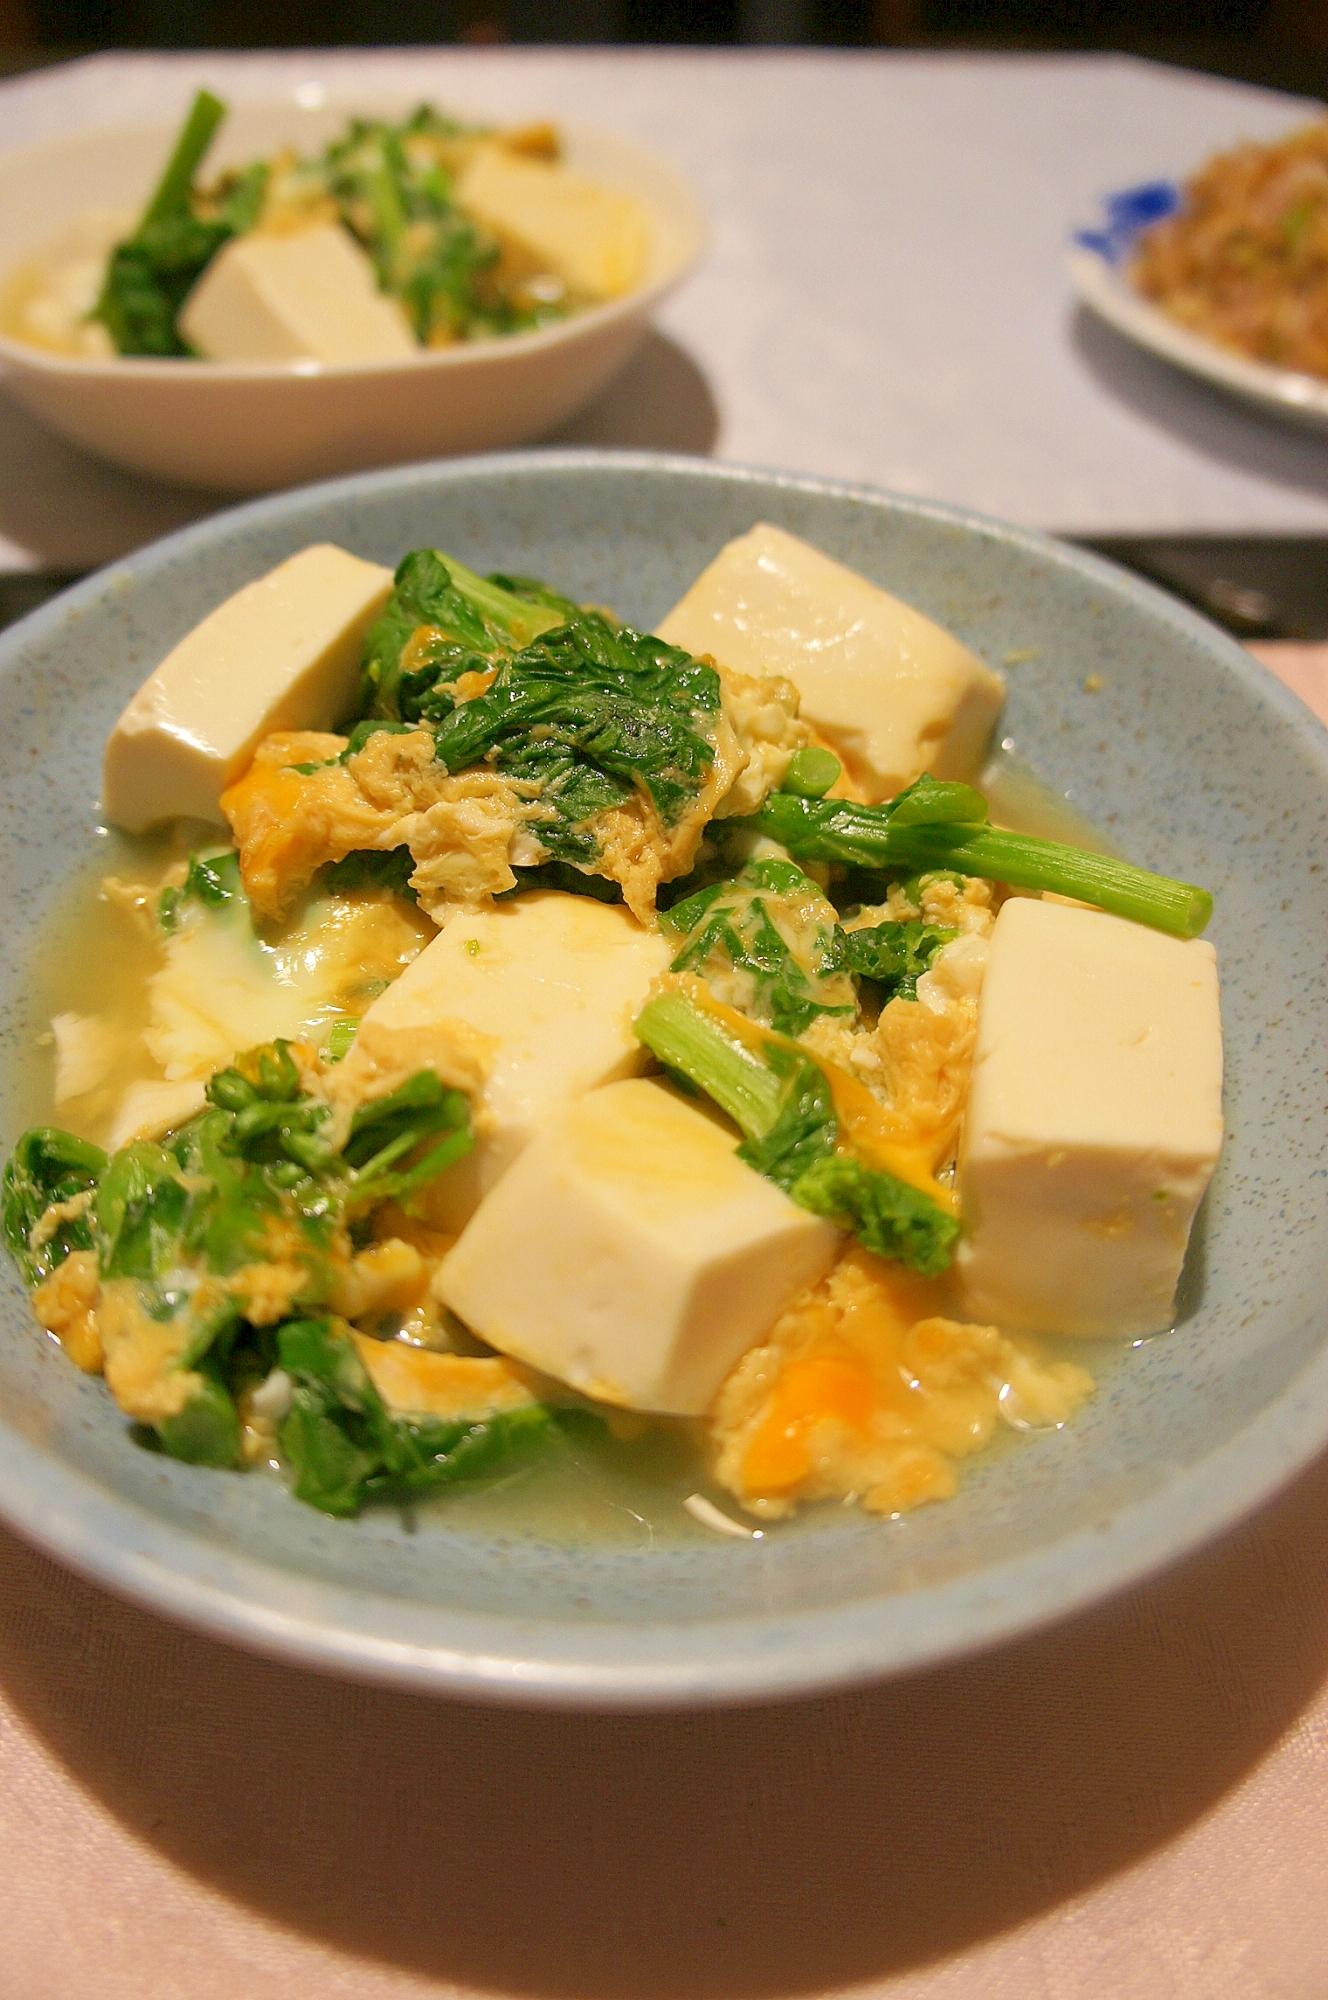 3. 菜の花と豆腐のふわっと卵とじ